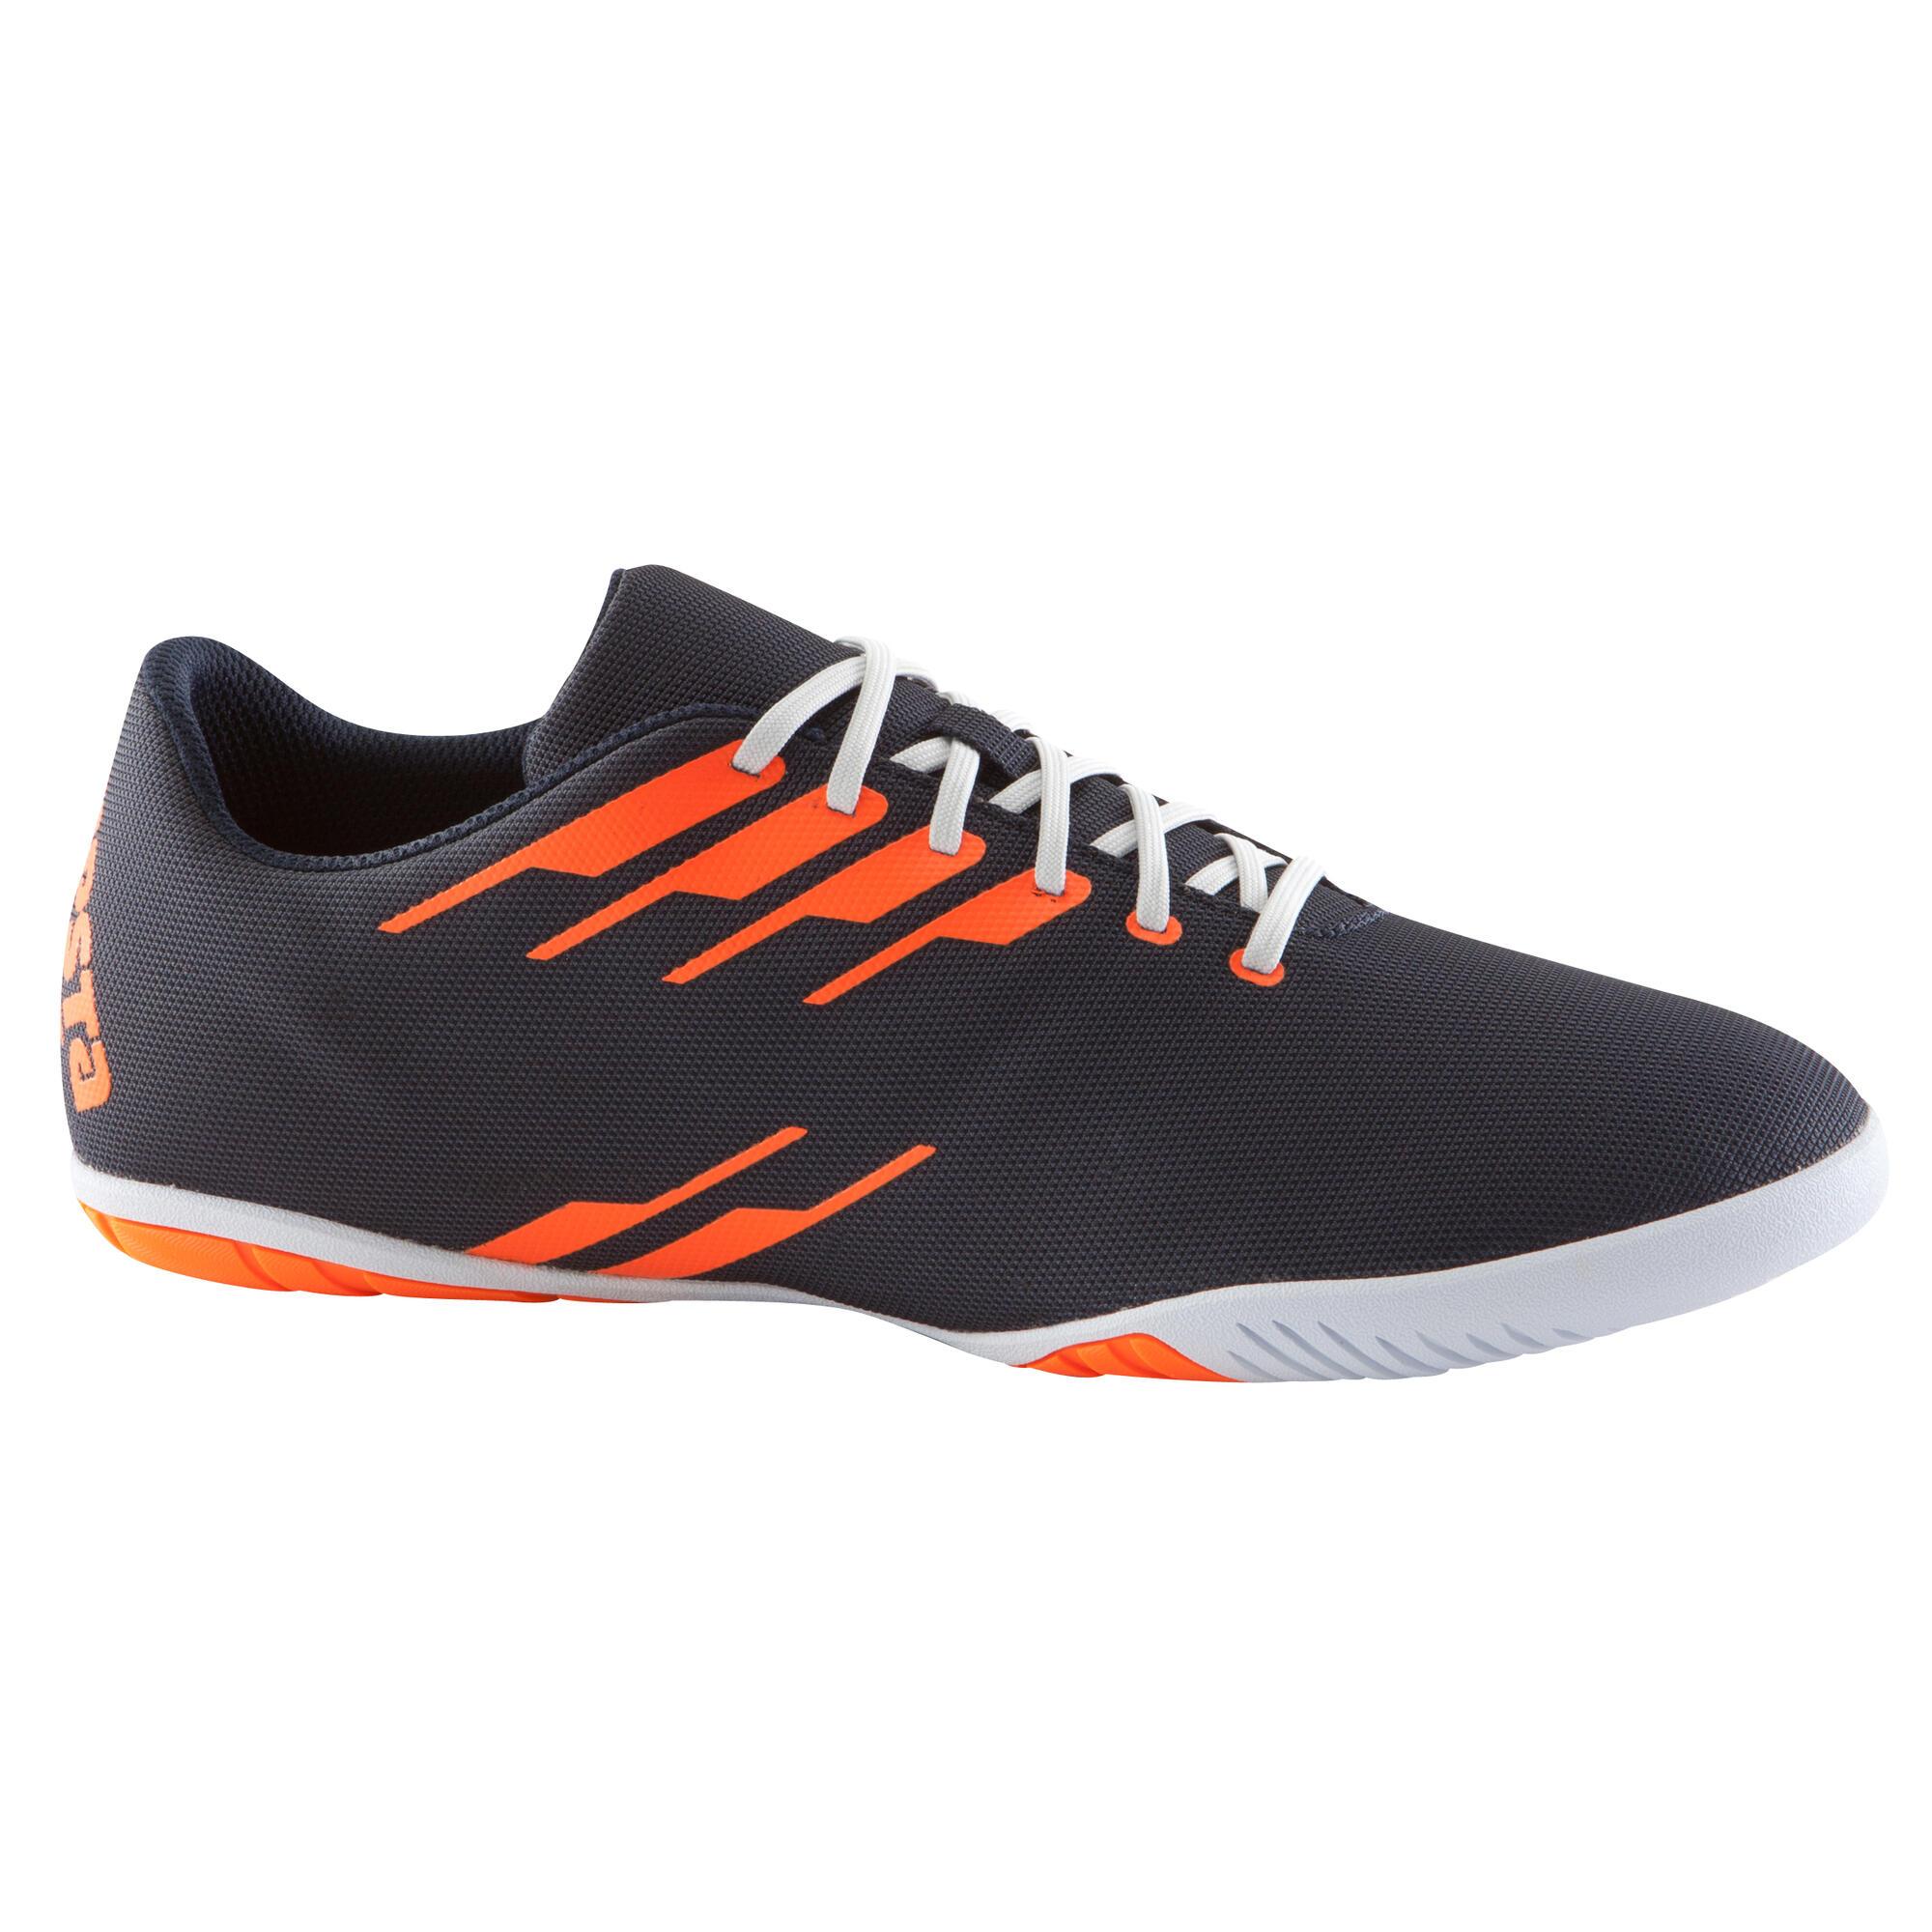 24c53b88ce chaussure futsal kipsta,Chaussure futsal adulte Agility 700 Pro ...